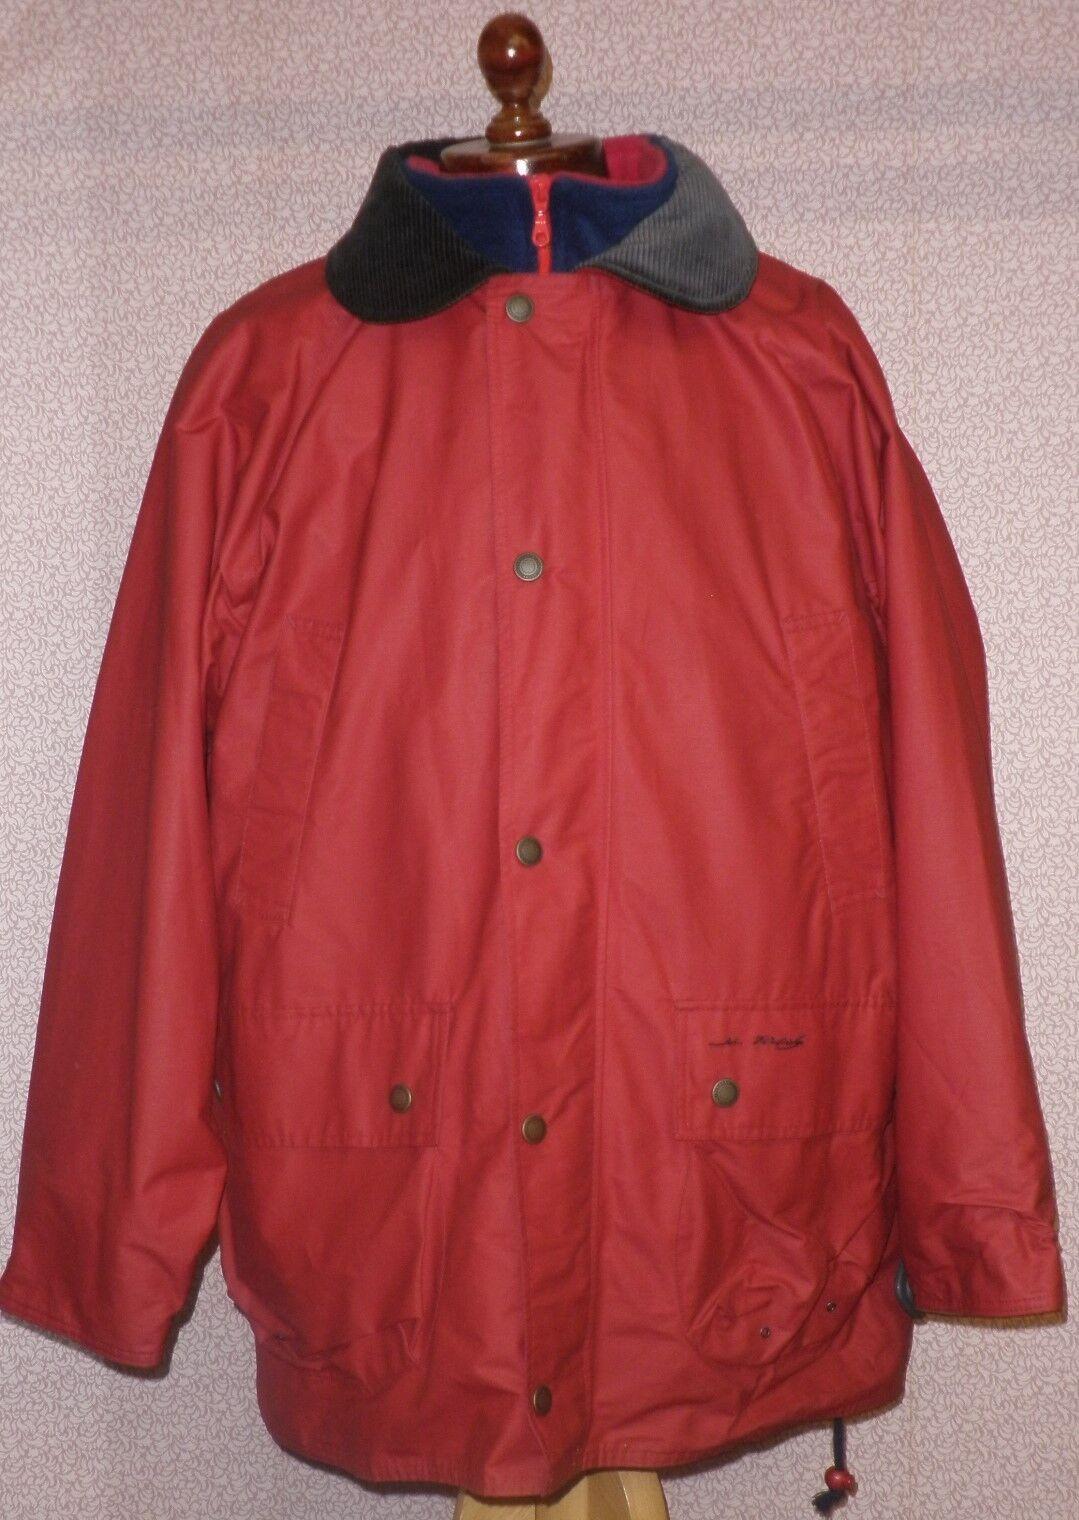 Men's Men's Men's John Partridge Leggero Impermeabile Cappotto rosso taglia media 21e487